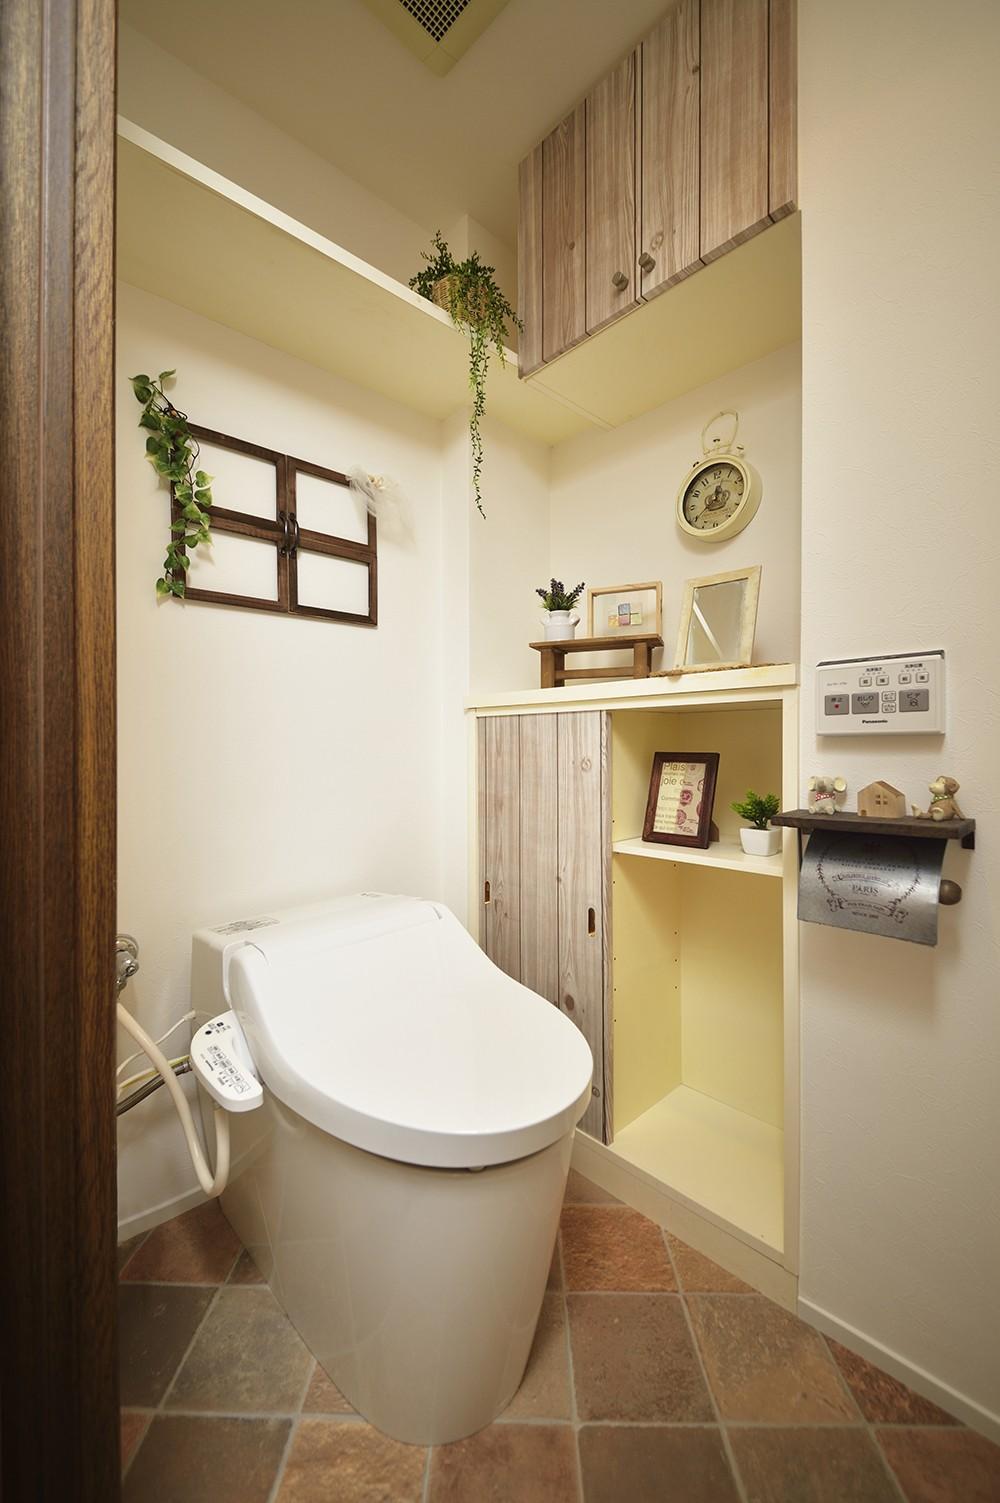 変えられない構造を活かす フレンチスタイルキッチンへ (まるで小部屋!寛ぎのトイレ)